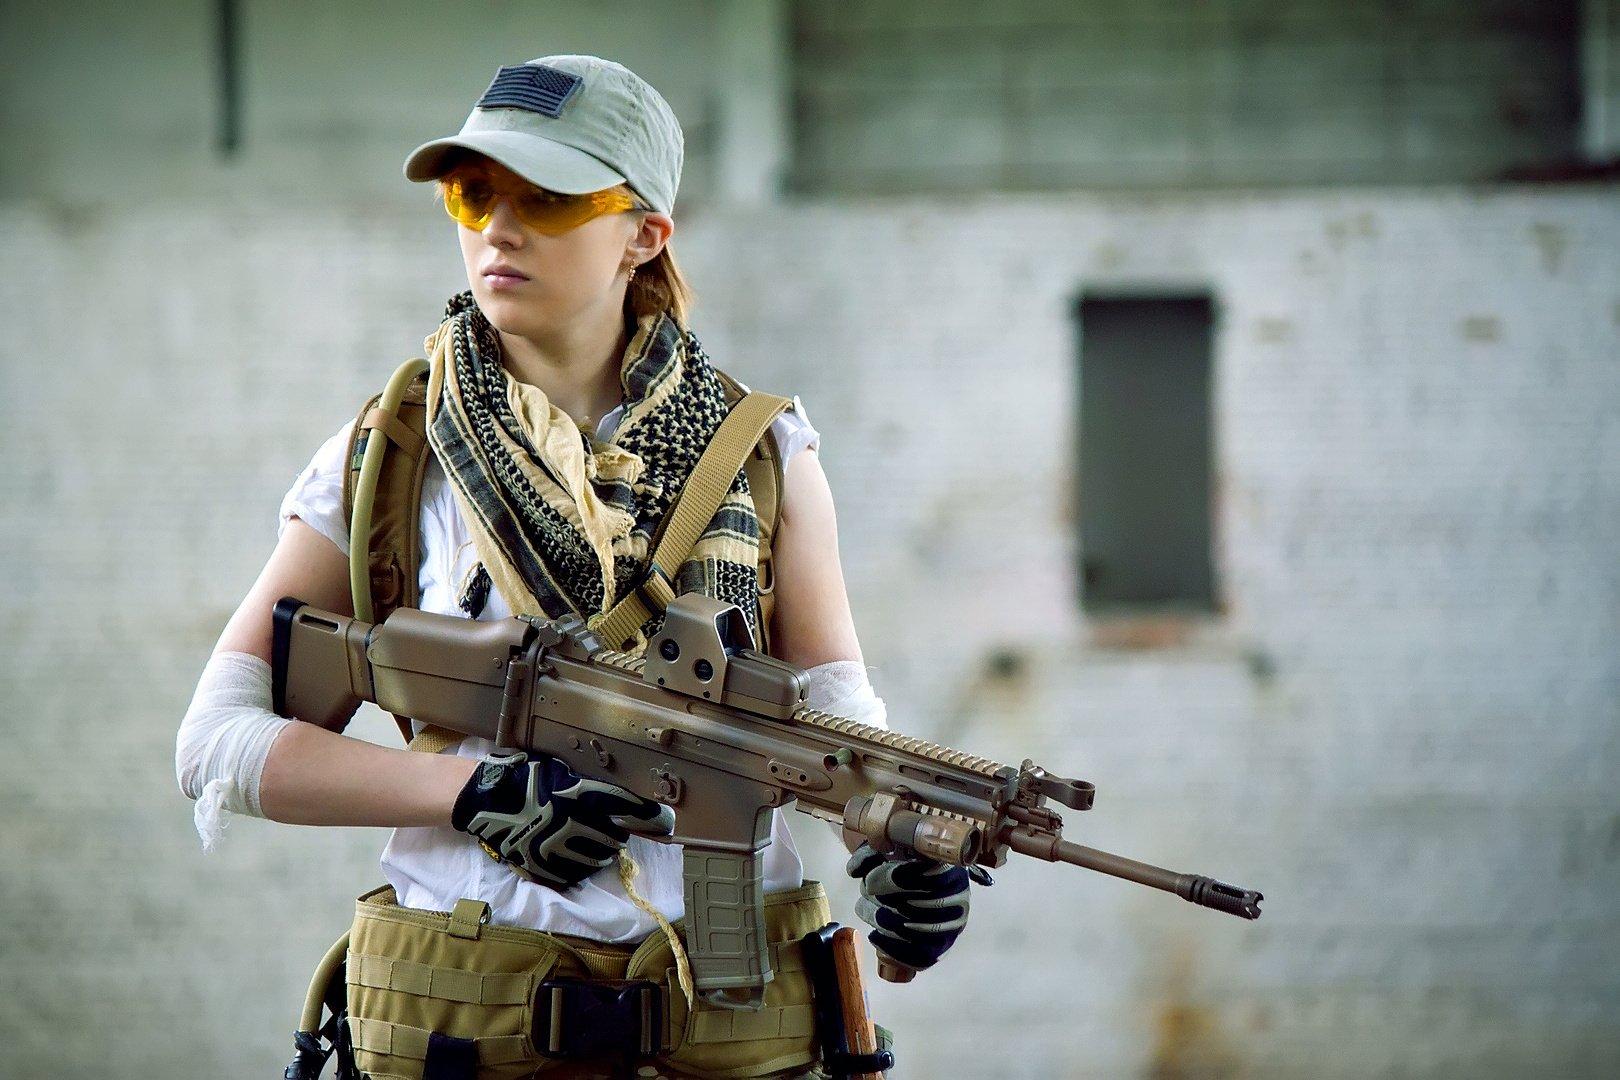 Women - Girls & Guns  Firearm Gun Scar-H Assault Rifle Wallpaper